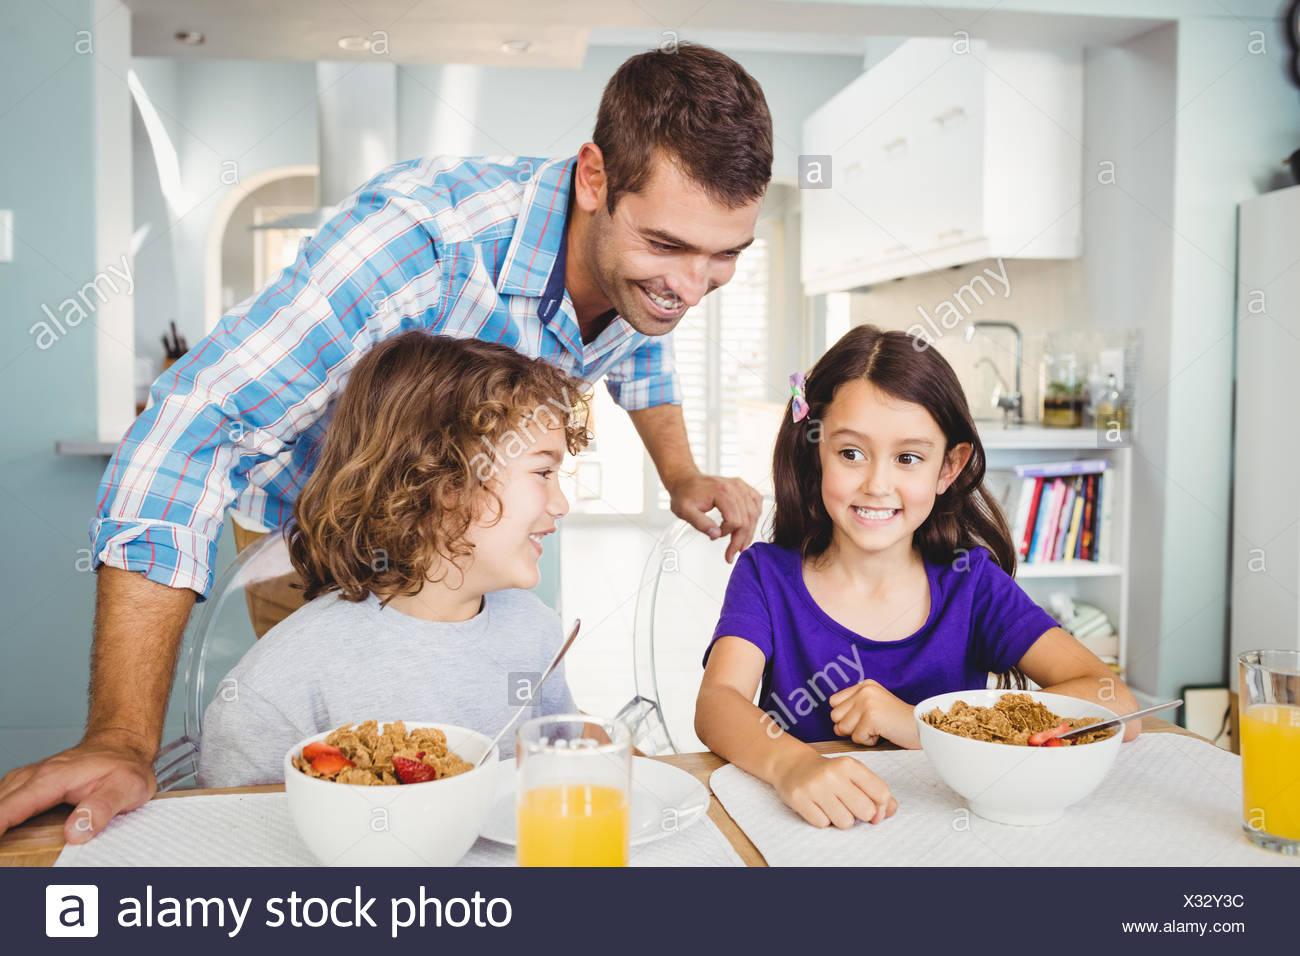 Glücklicher Mann mit Kindern frühstücken Stockbild